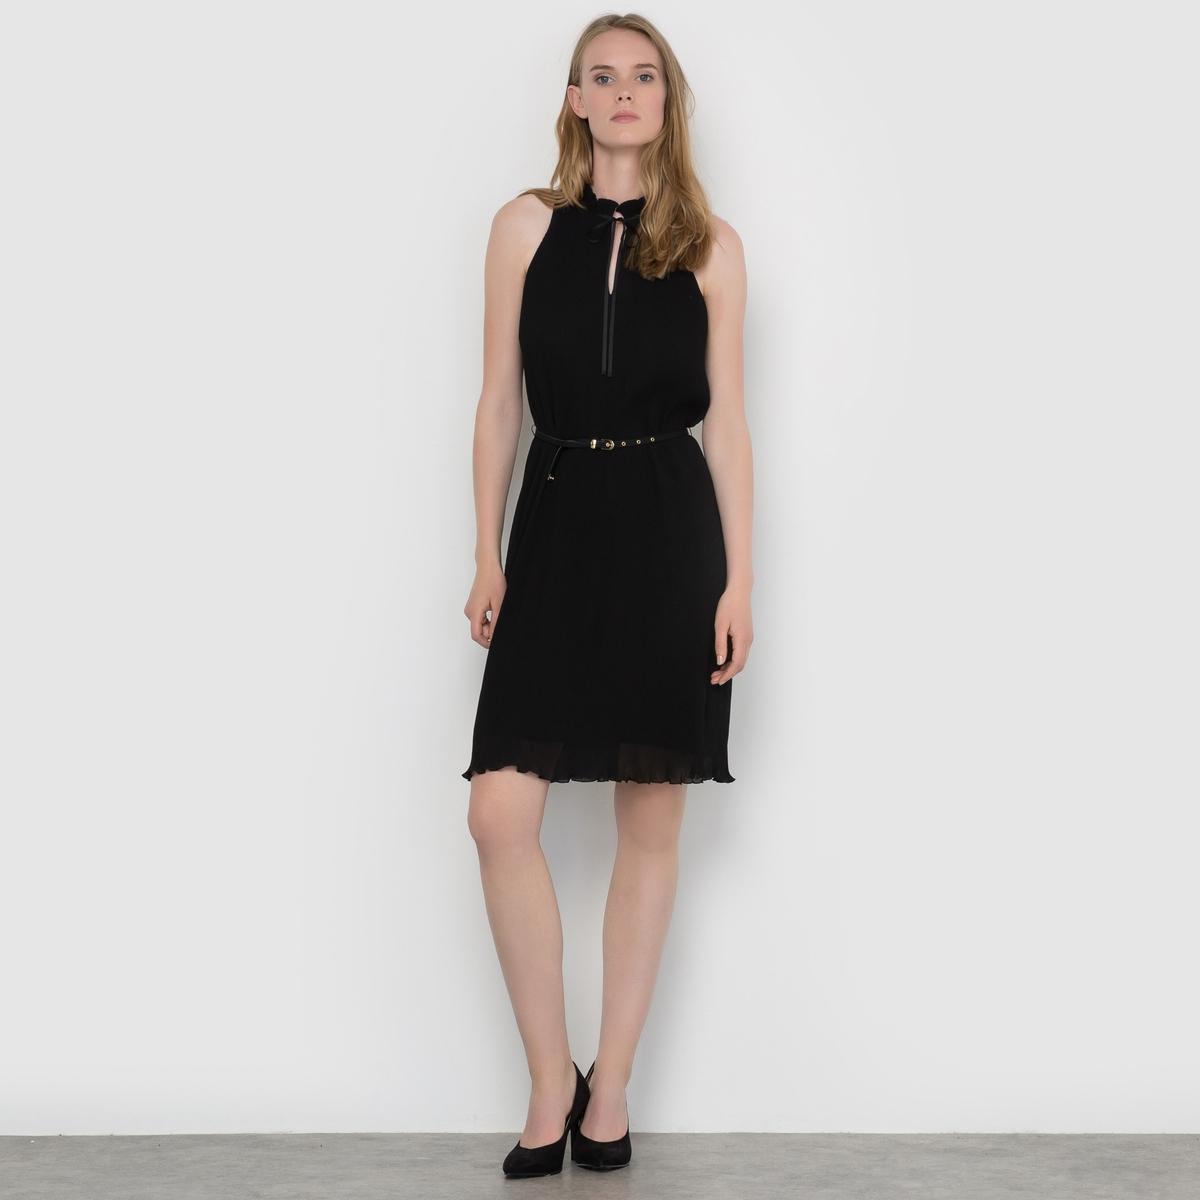 Платье с высоким воротникомСостав и описаниеМатериал :  Платье 100% полиэстера - пояс 100% полиуретанаМарка : EspritУходСм. рекомендации по уходу, указанные на этикетке изделия<br><br>Цвет: черный<br>Размер: 42 (FR) - 48 (RUS).40 (FR) - 46 (RUS).38 (FR) - 44 (RUS)